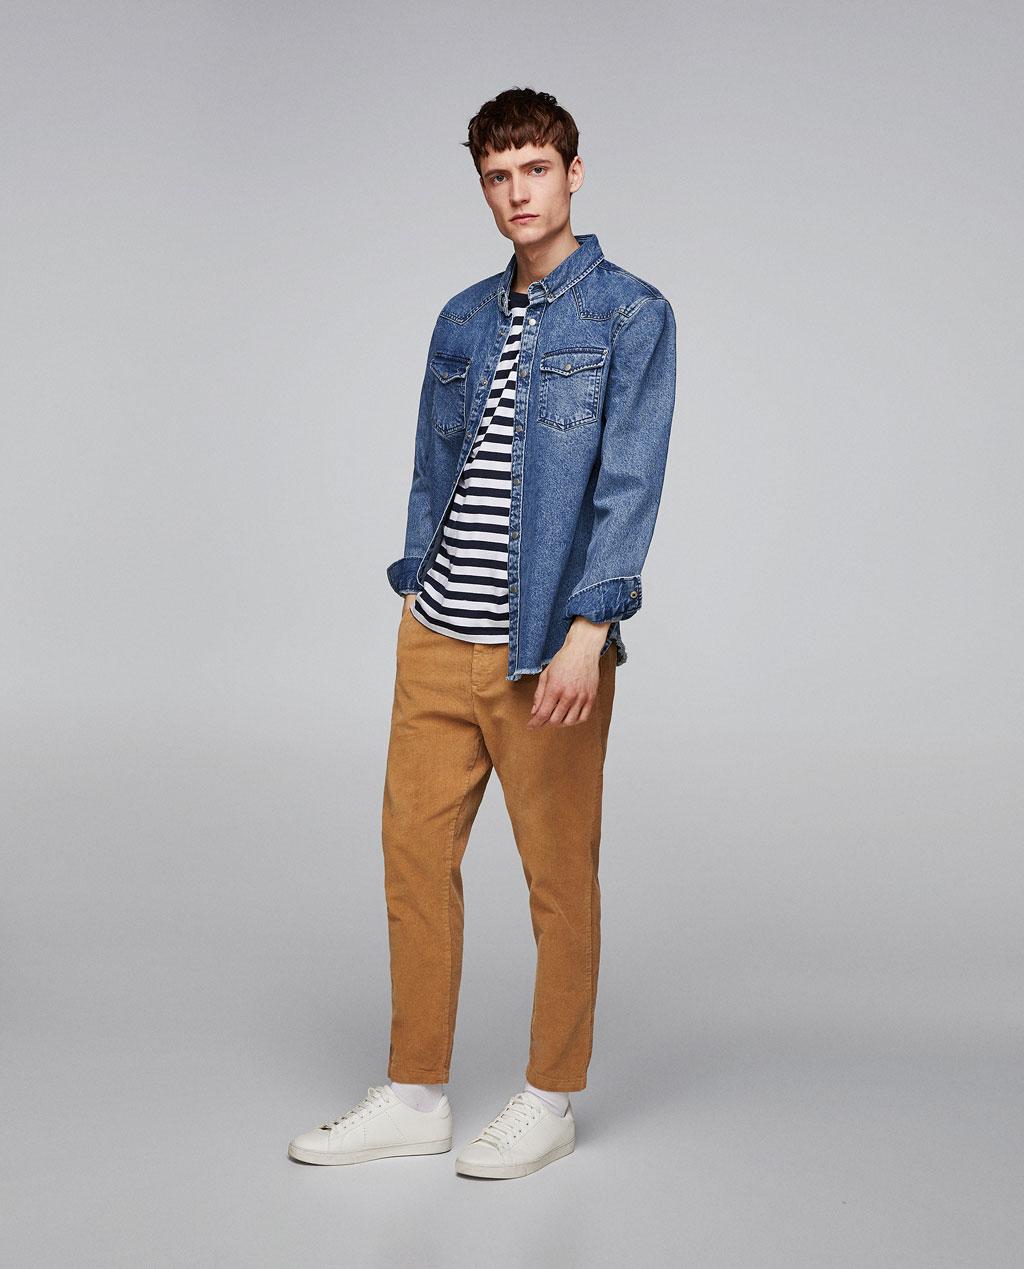 Thời trang nam Zara  23987 - ảnh 3